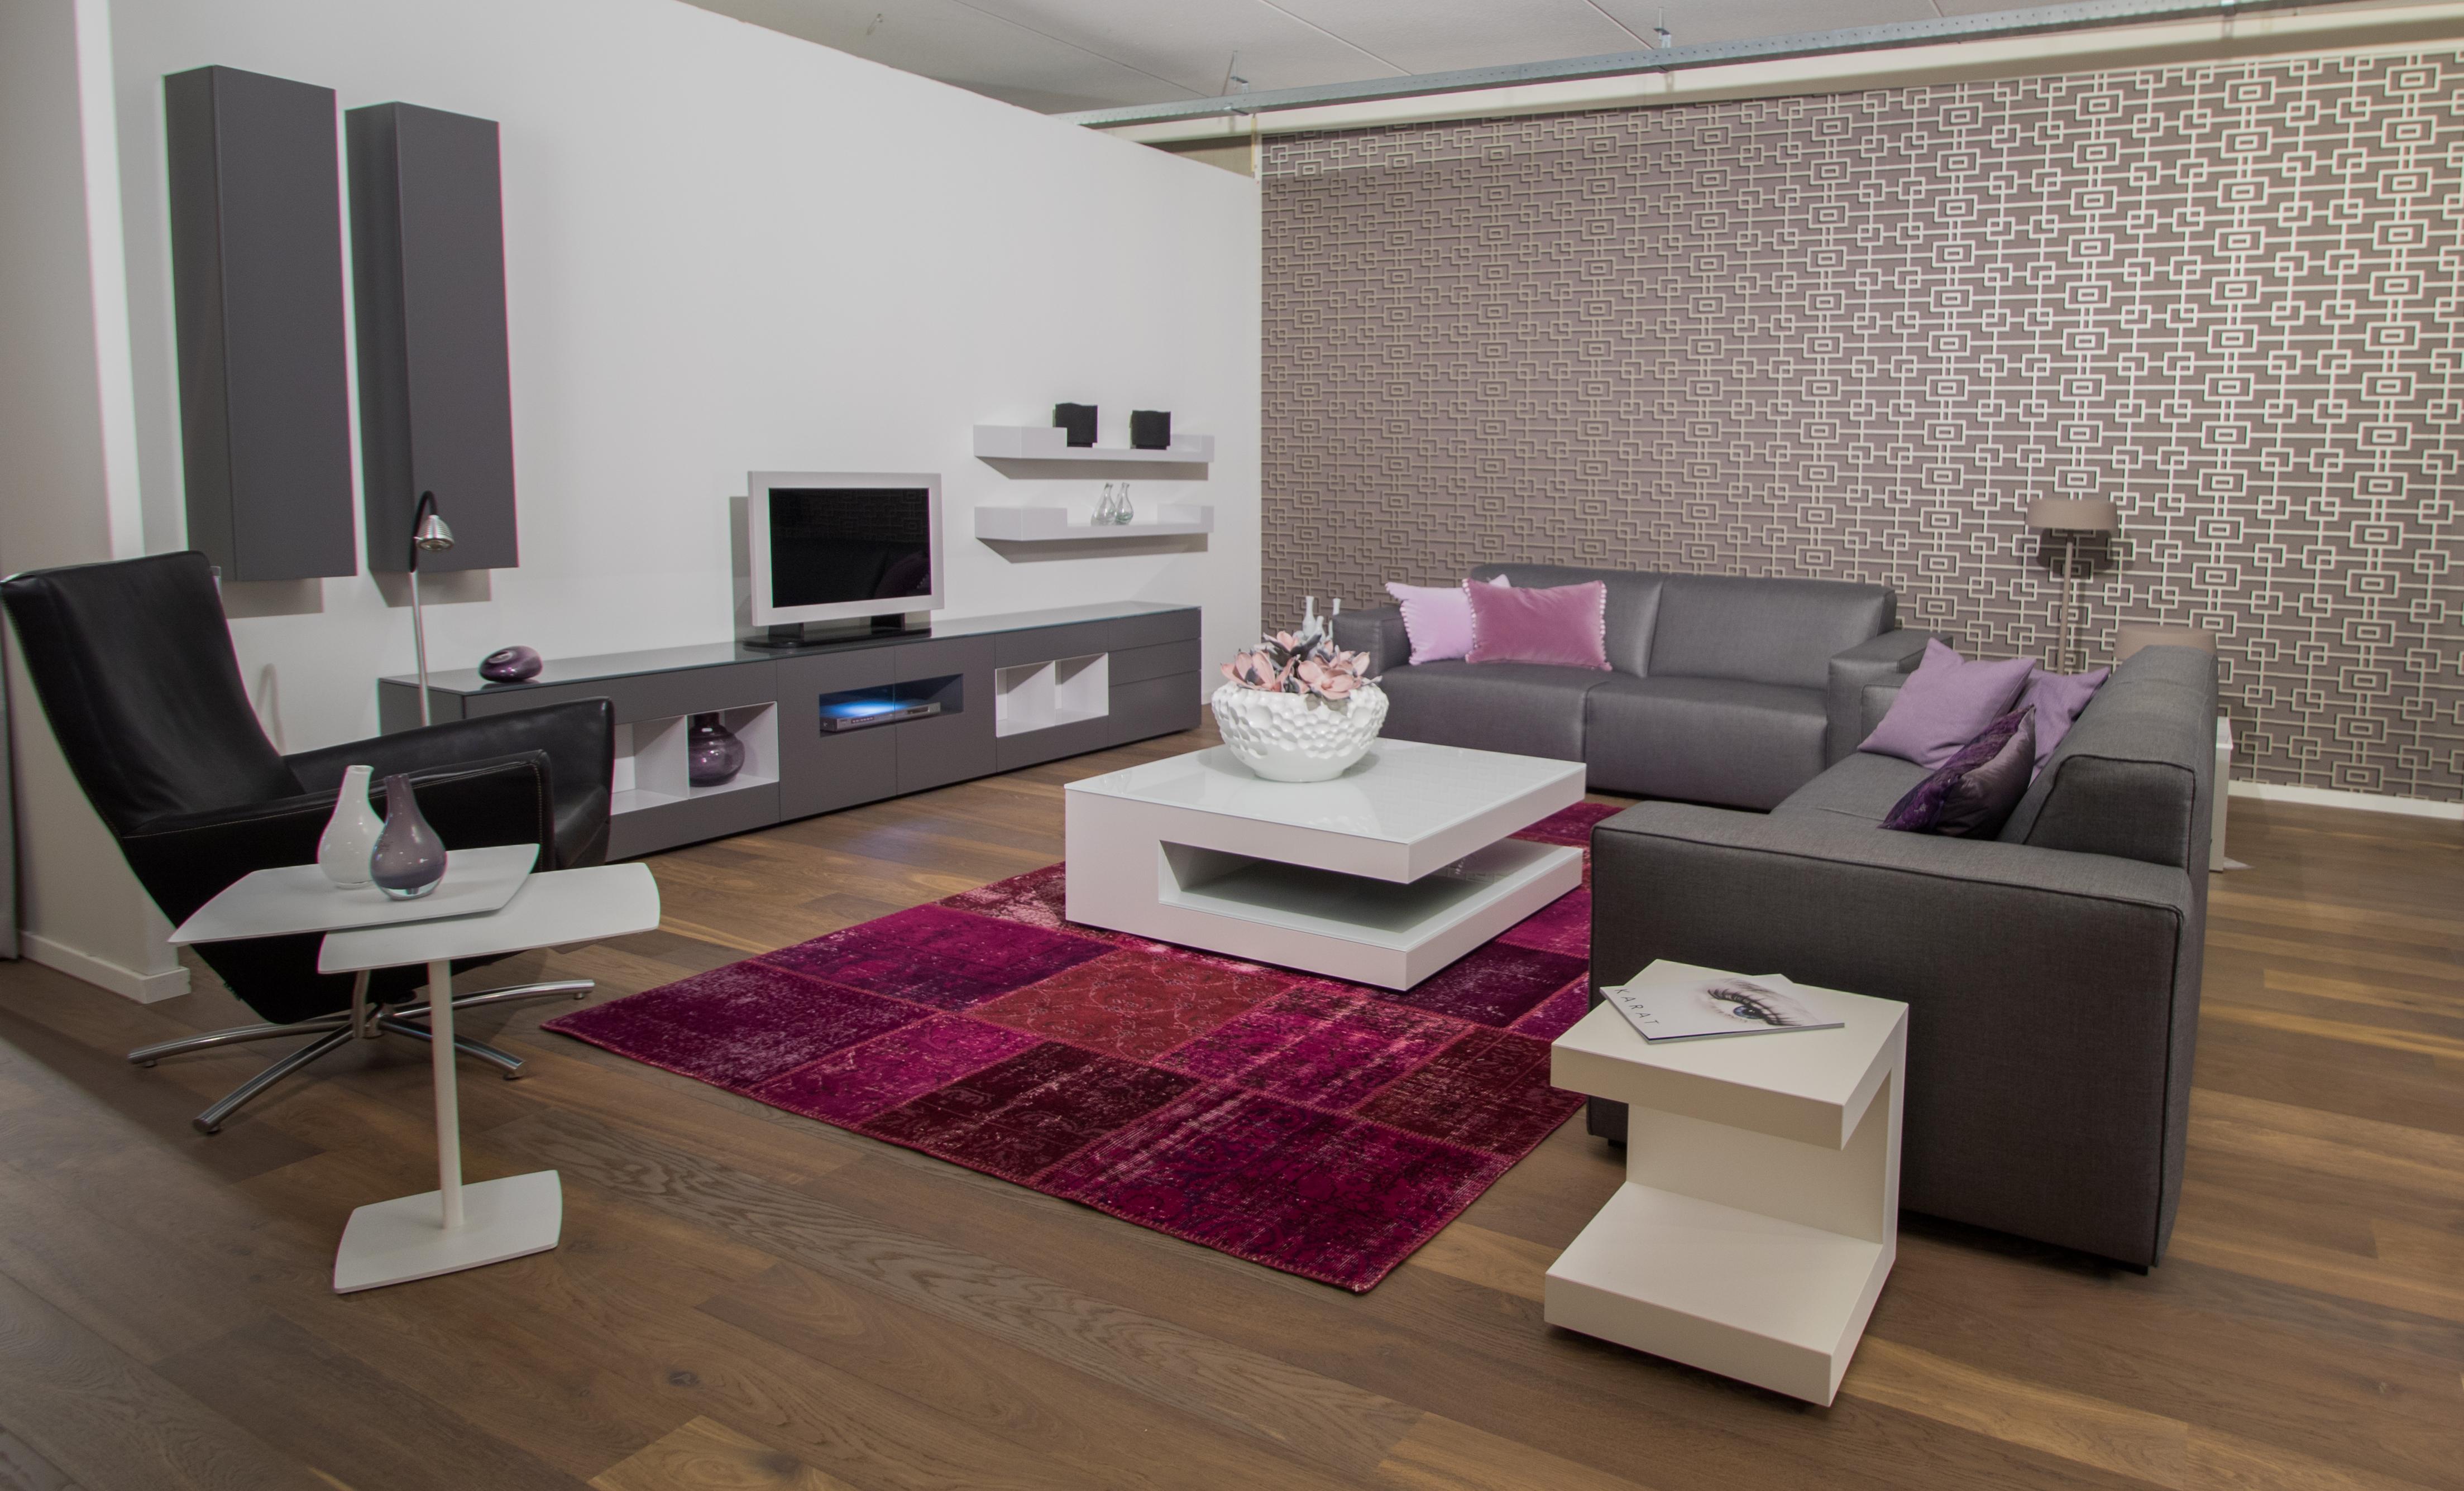 Moderne woonkamer meubels for - Woonkamer meubels ...